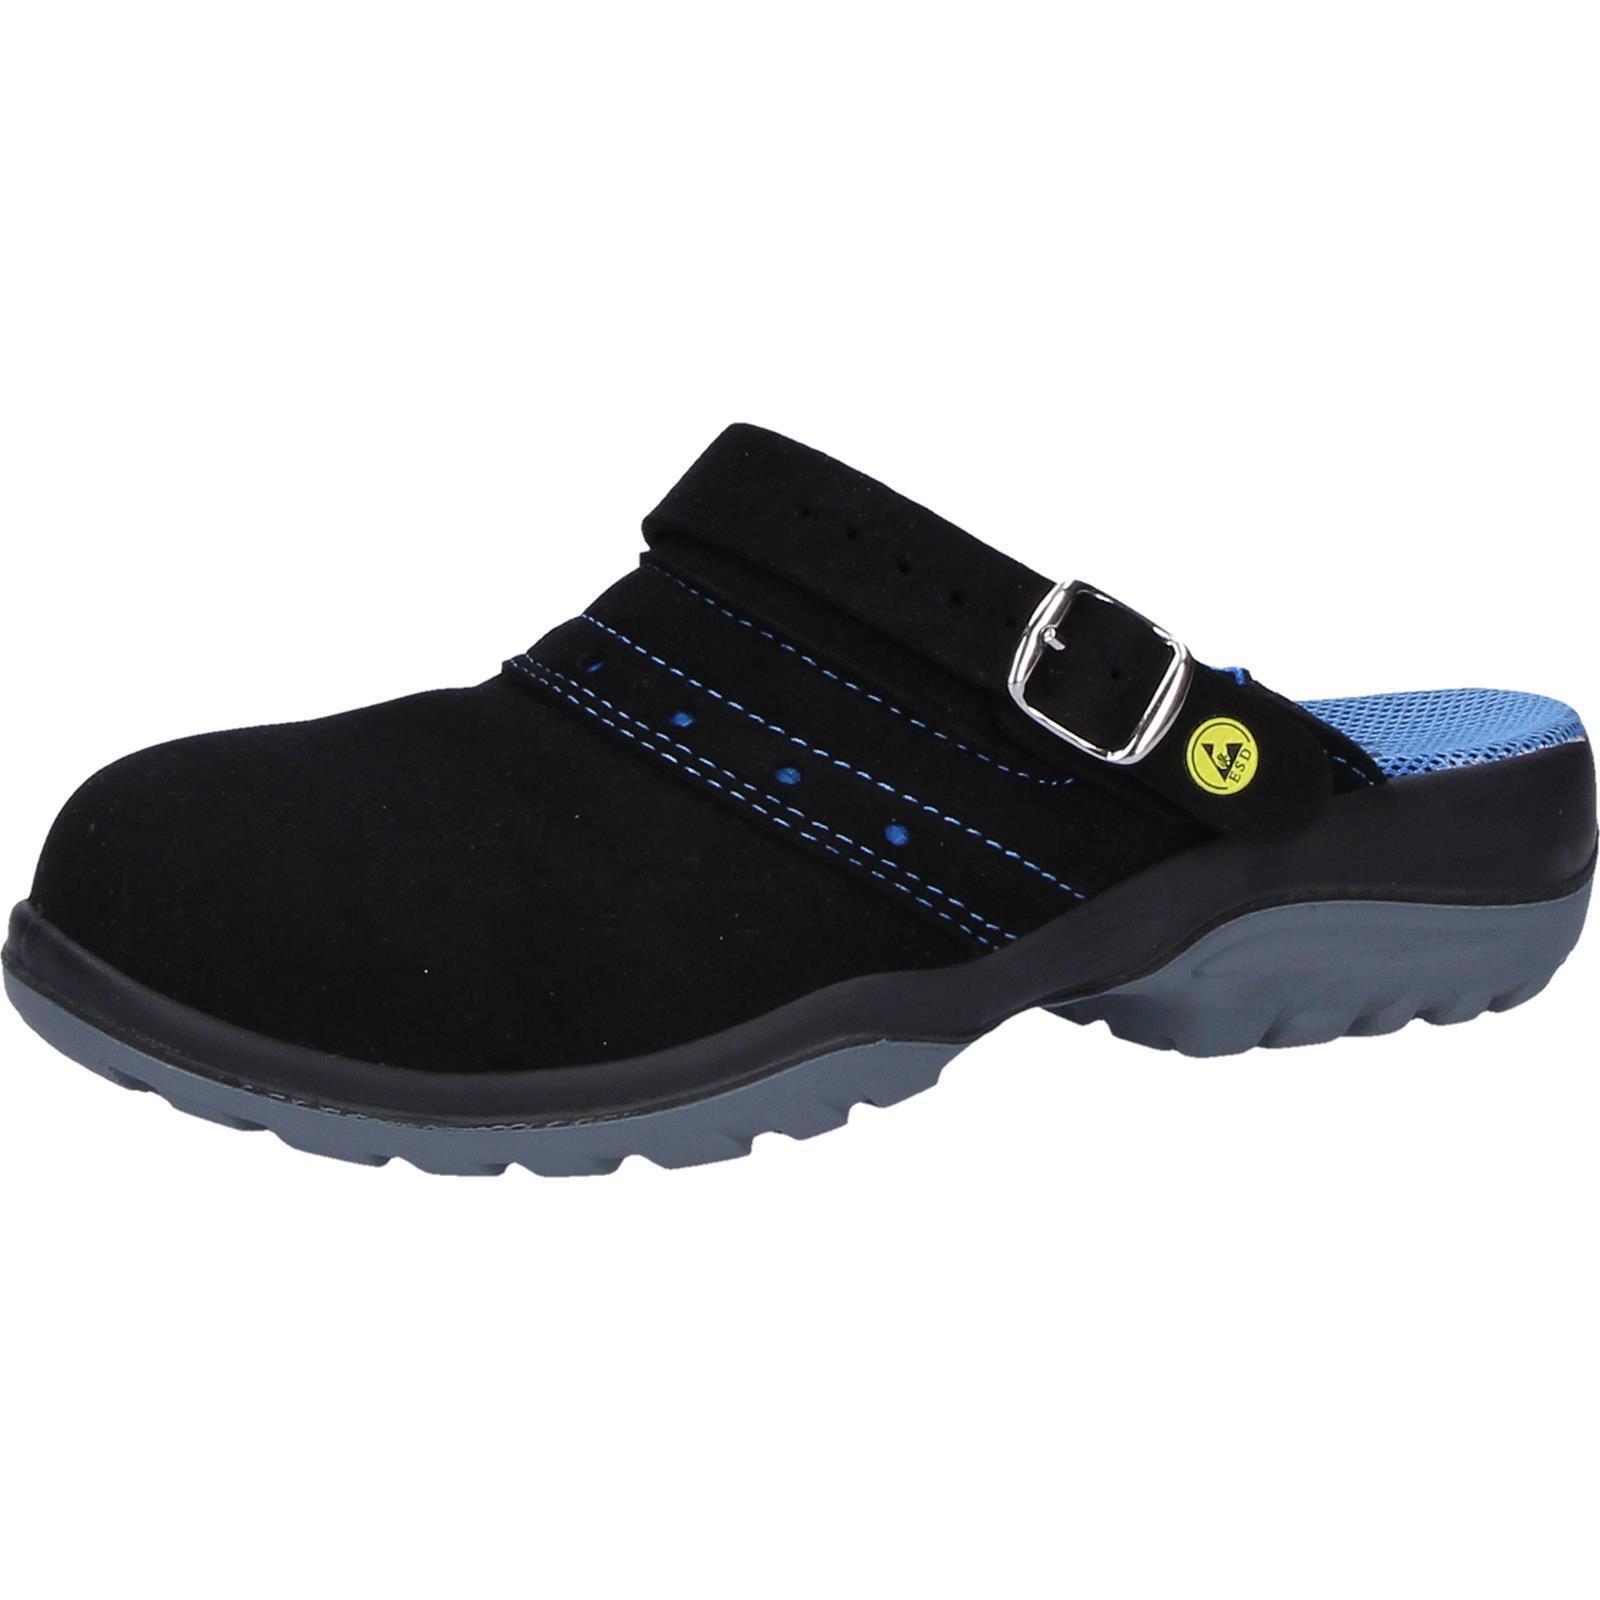 Atlas GX 390 en345 sb zapatos negro Gr. 38